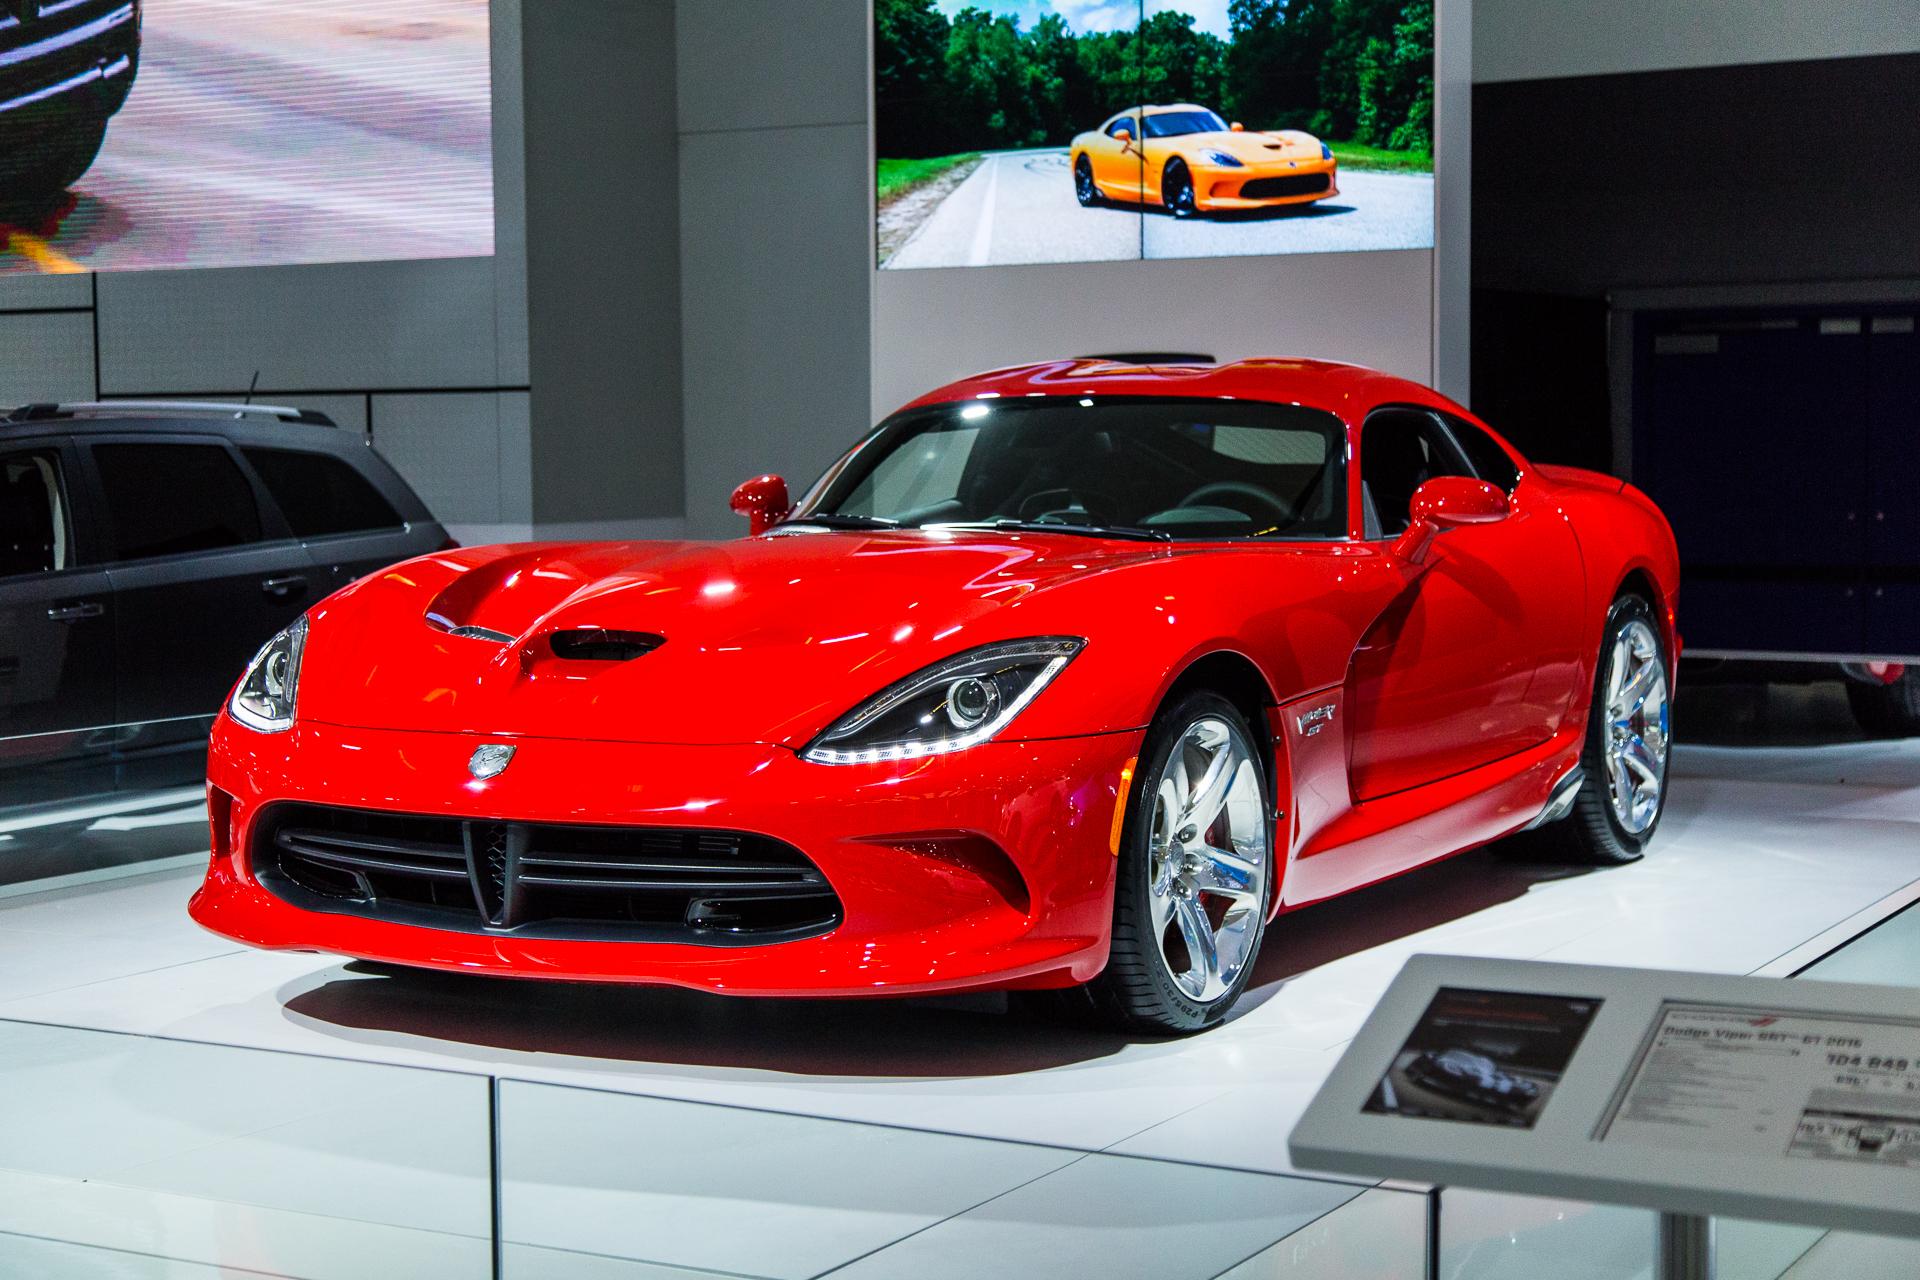 Dodge Viper SRT Montreal International Auto Show Autosca - International autos